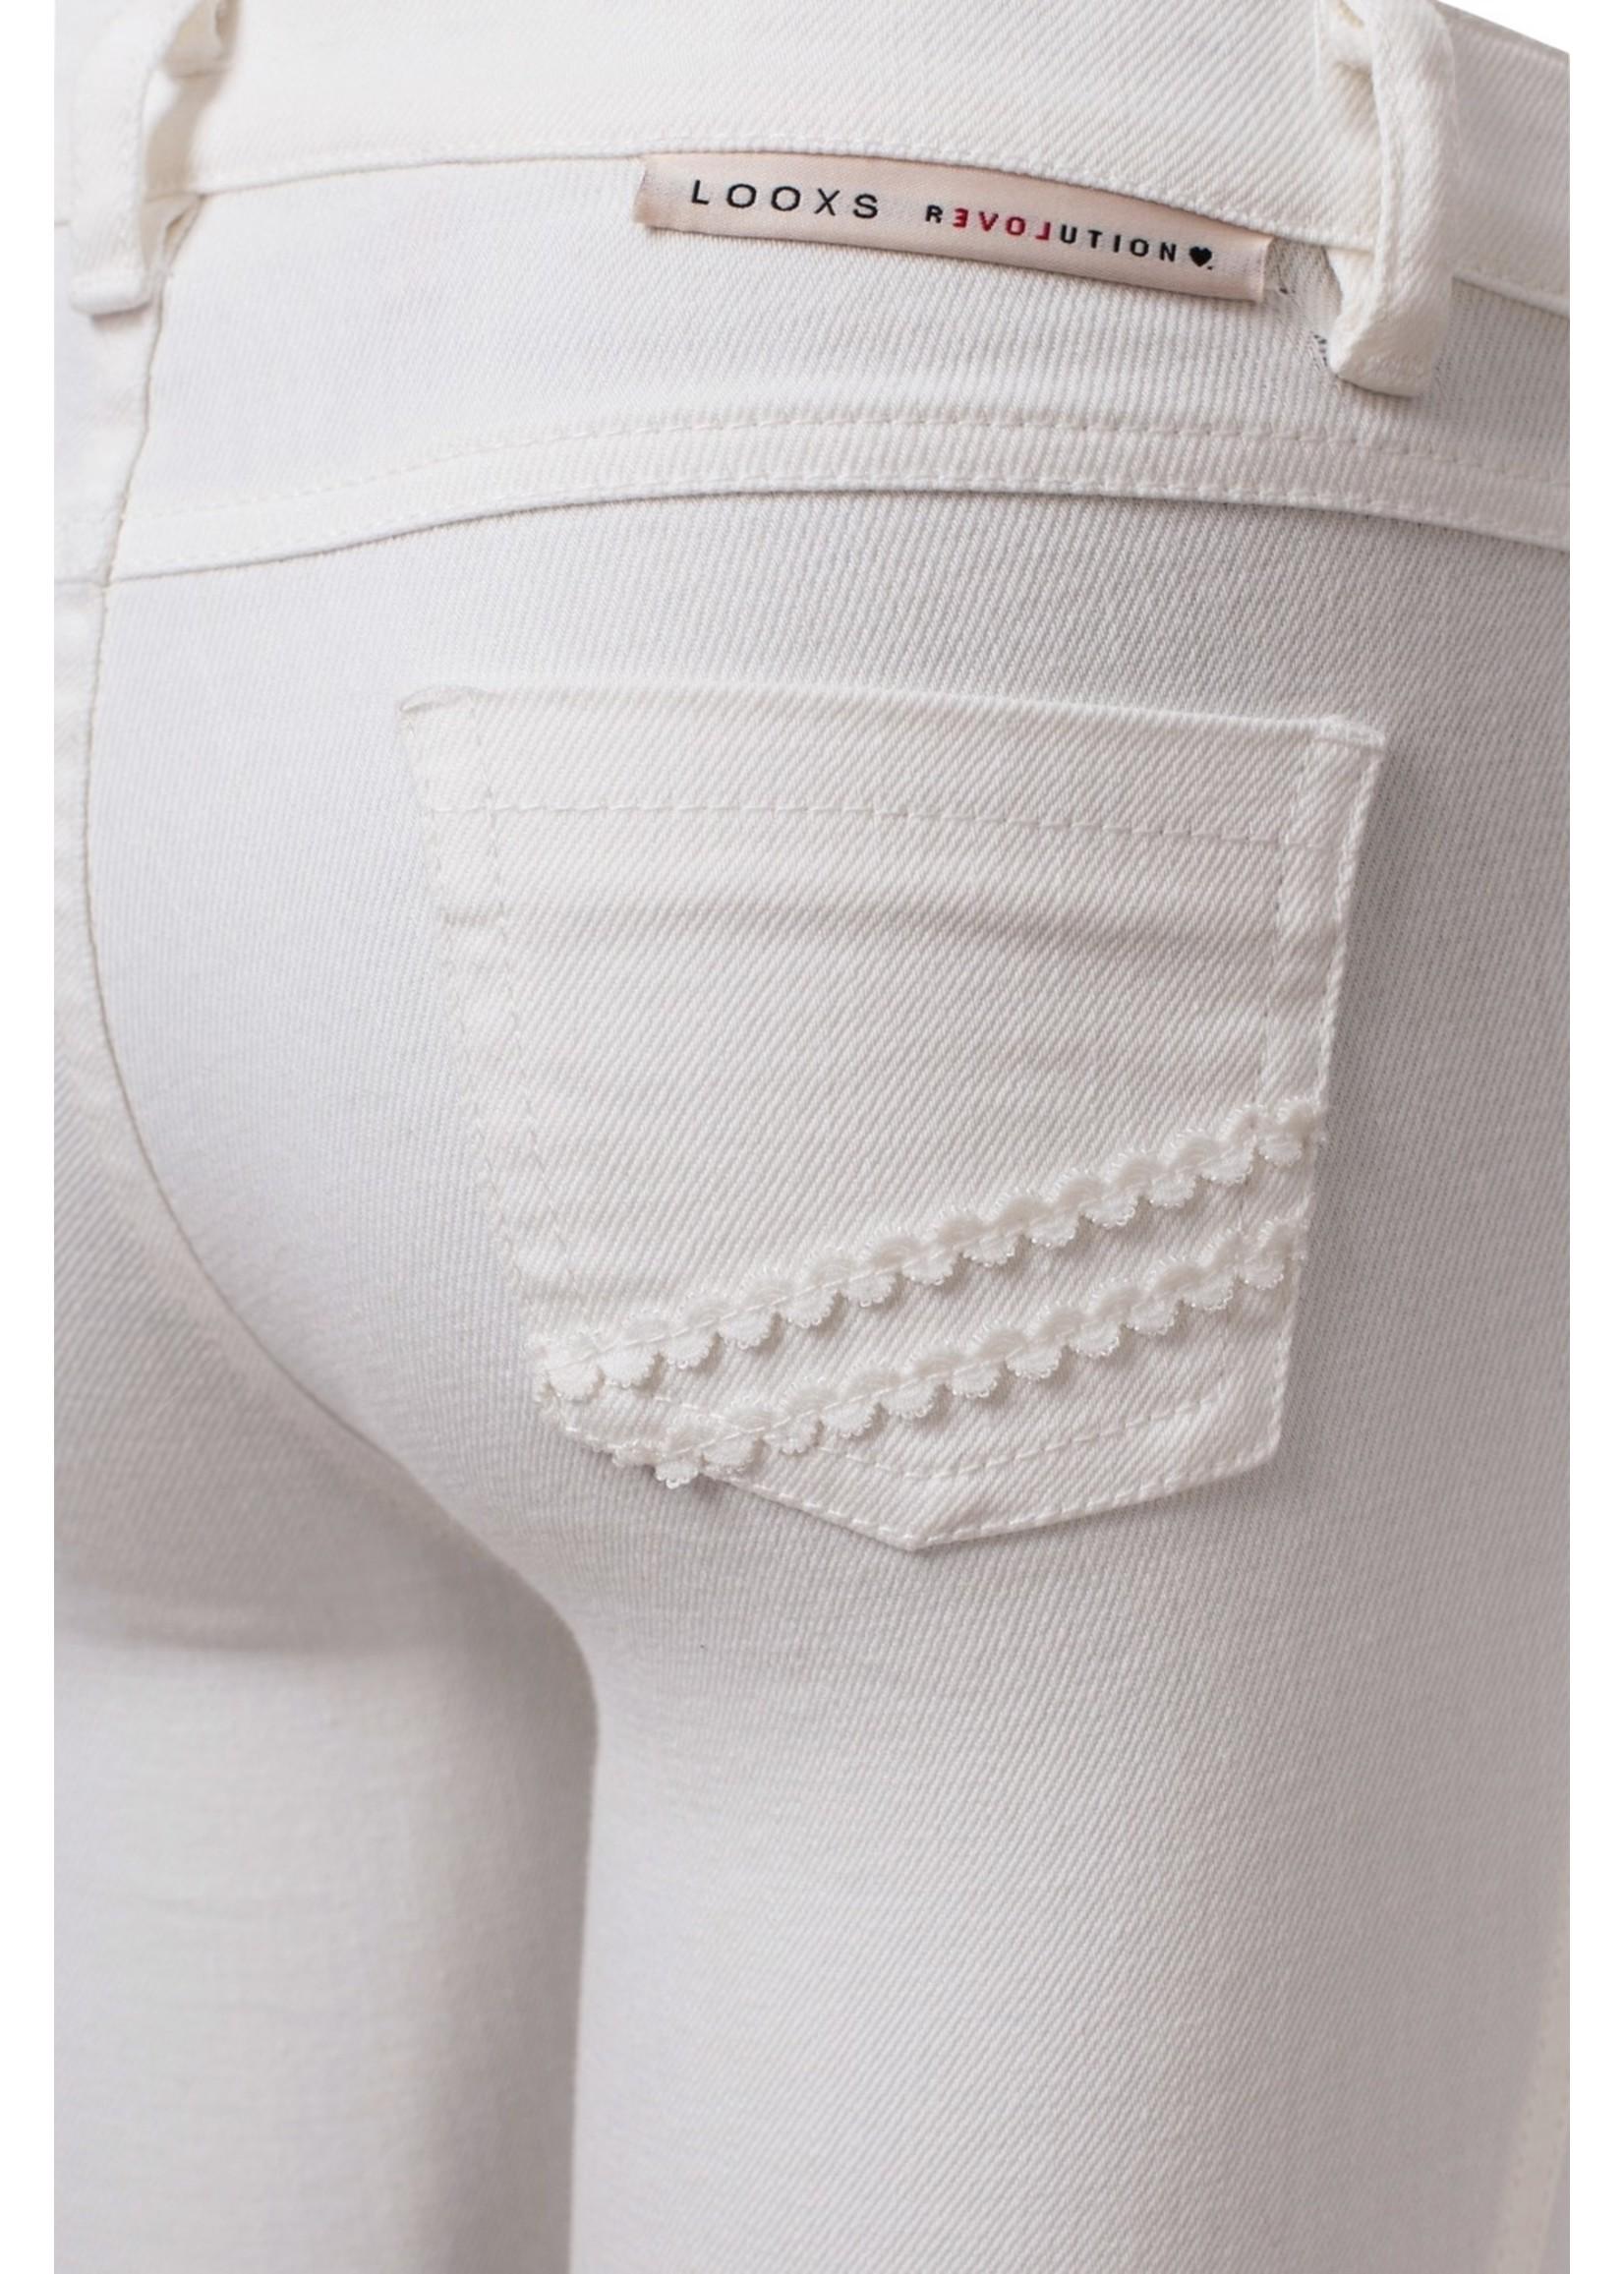 Looxs spijkerbroek maat 128